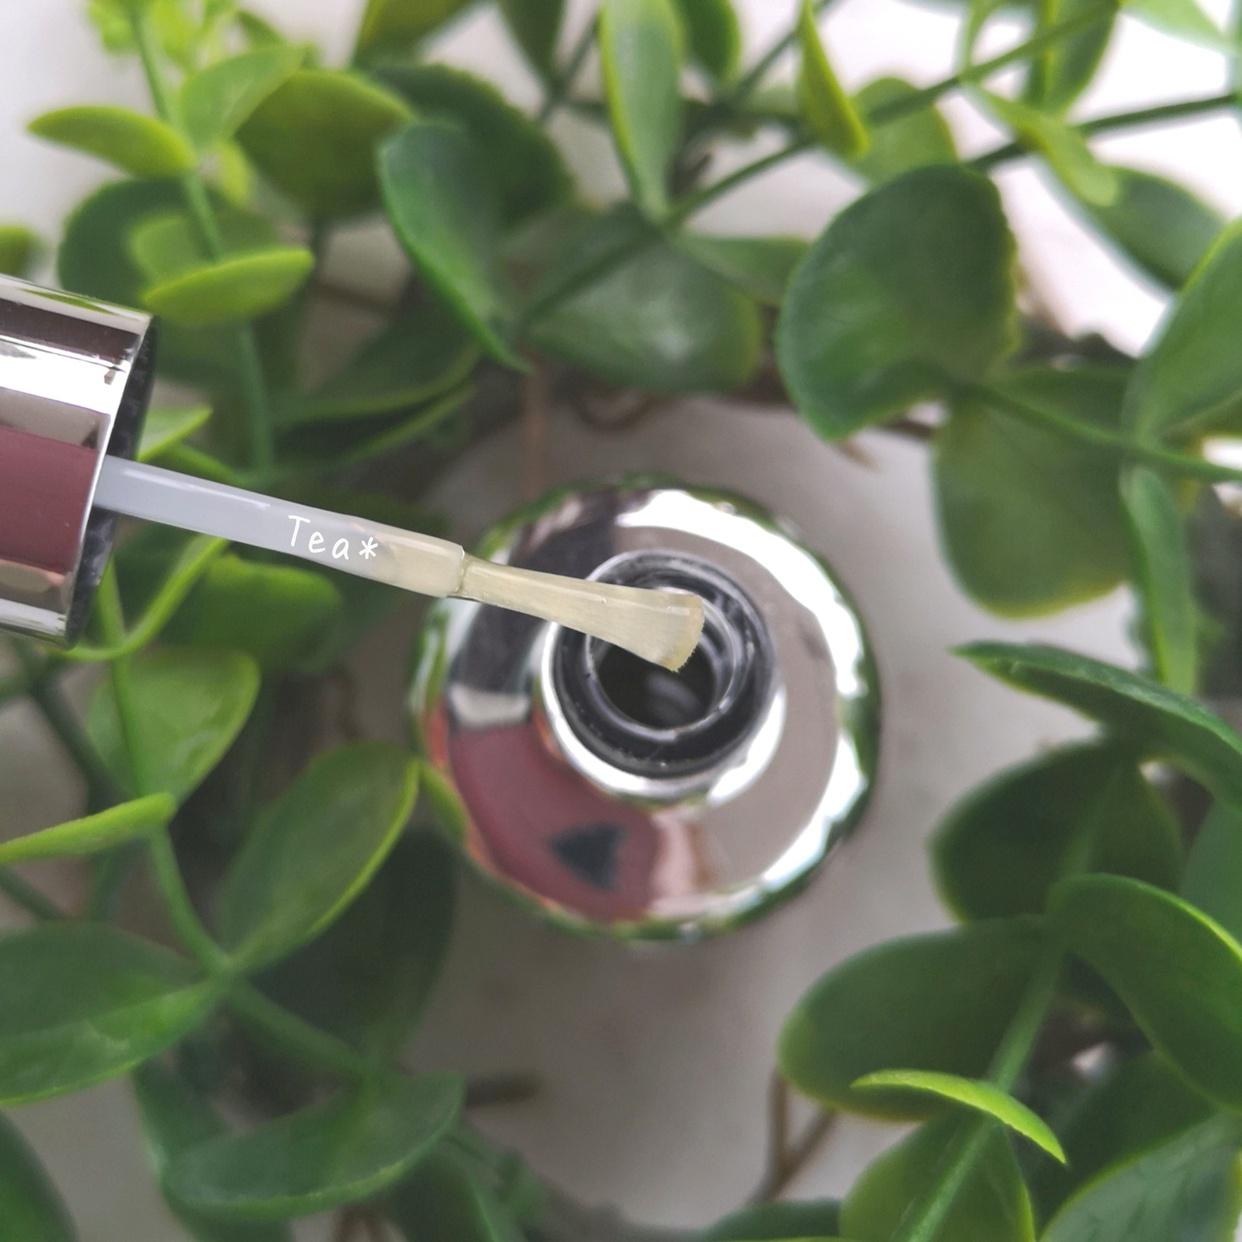 D-UP(ディーアップ)ネイル ミリオンシャイン トップコートを使ったTea*さんのクチコミ画像2